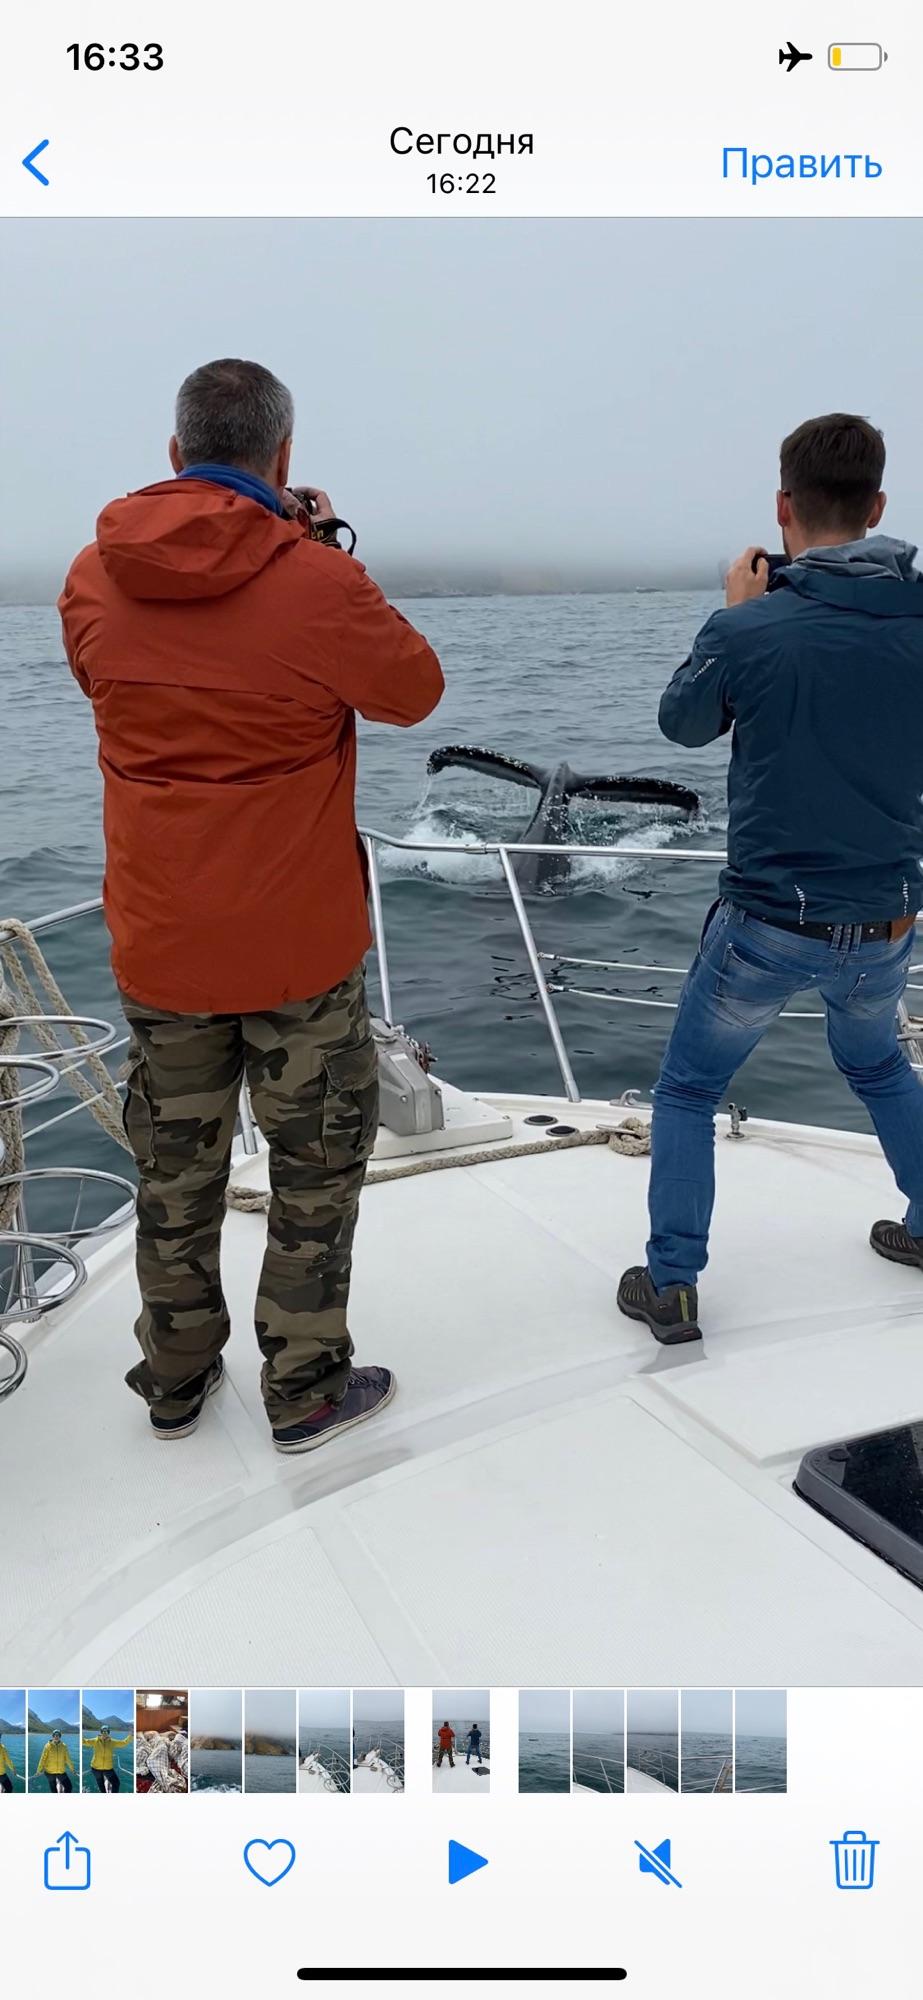 Снимать китов и касаток очень сложно! Это скрин с видео. Кит нырнул прямо под нашу лодку!